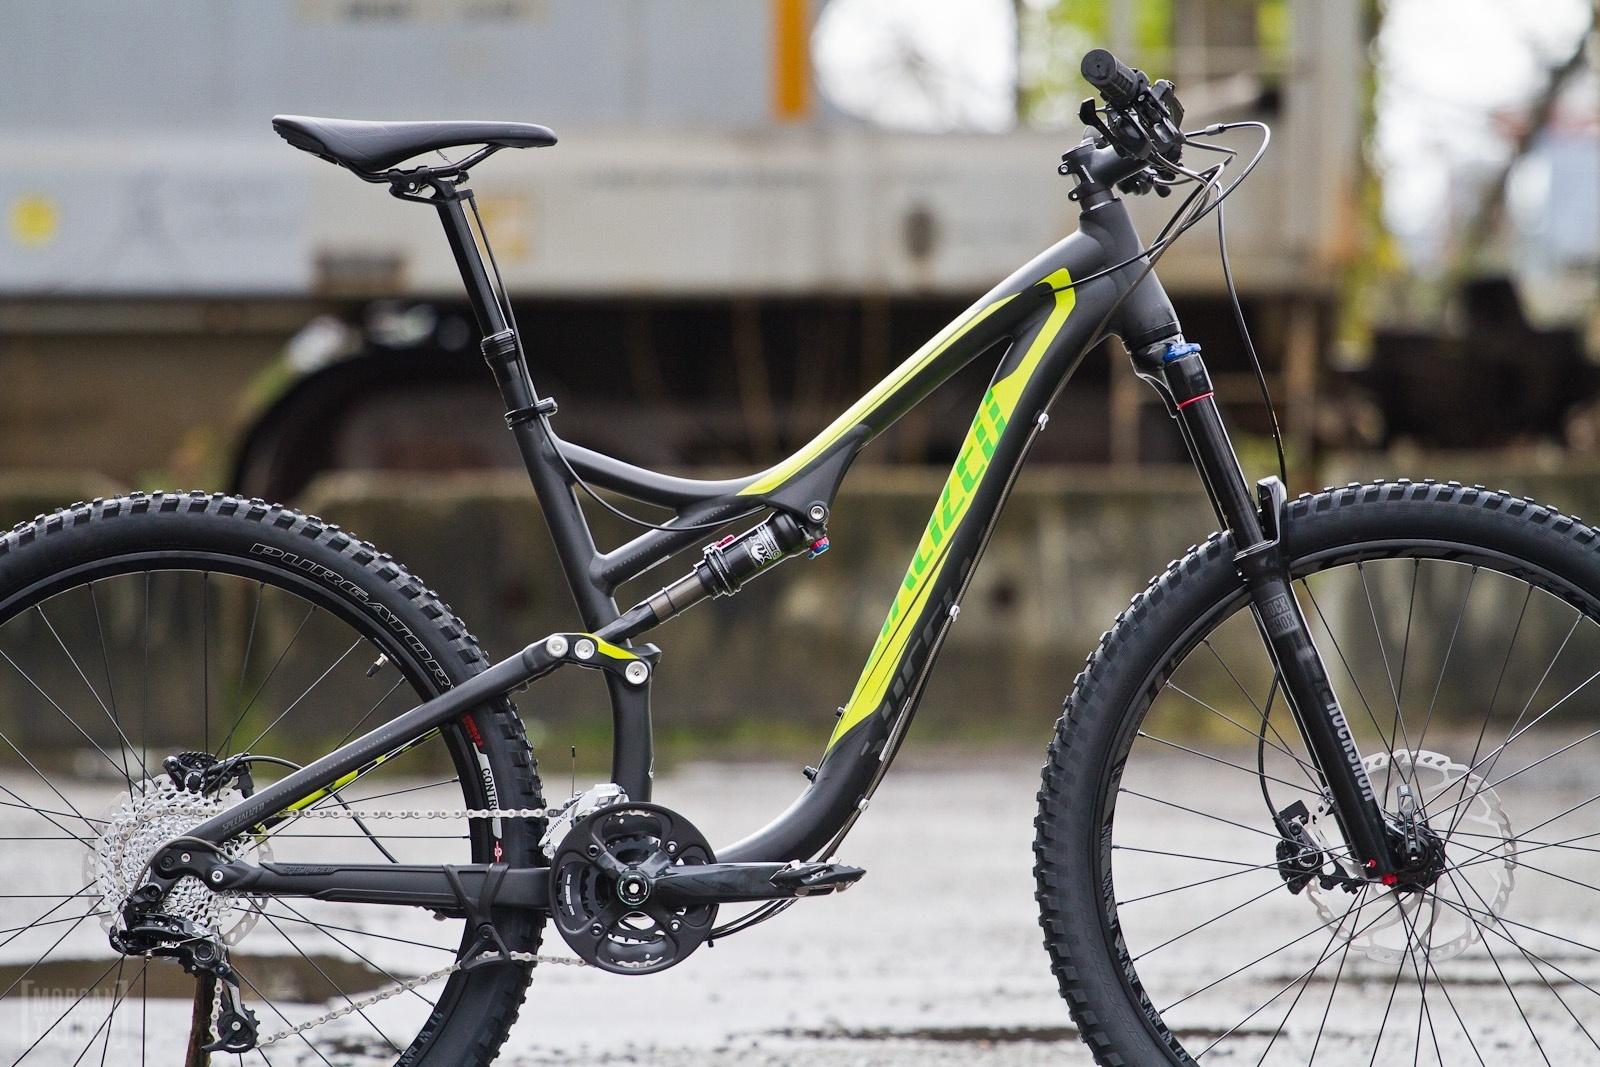 df0beb7e9 Vantagens e Desvantagens das Bicicletas 27